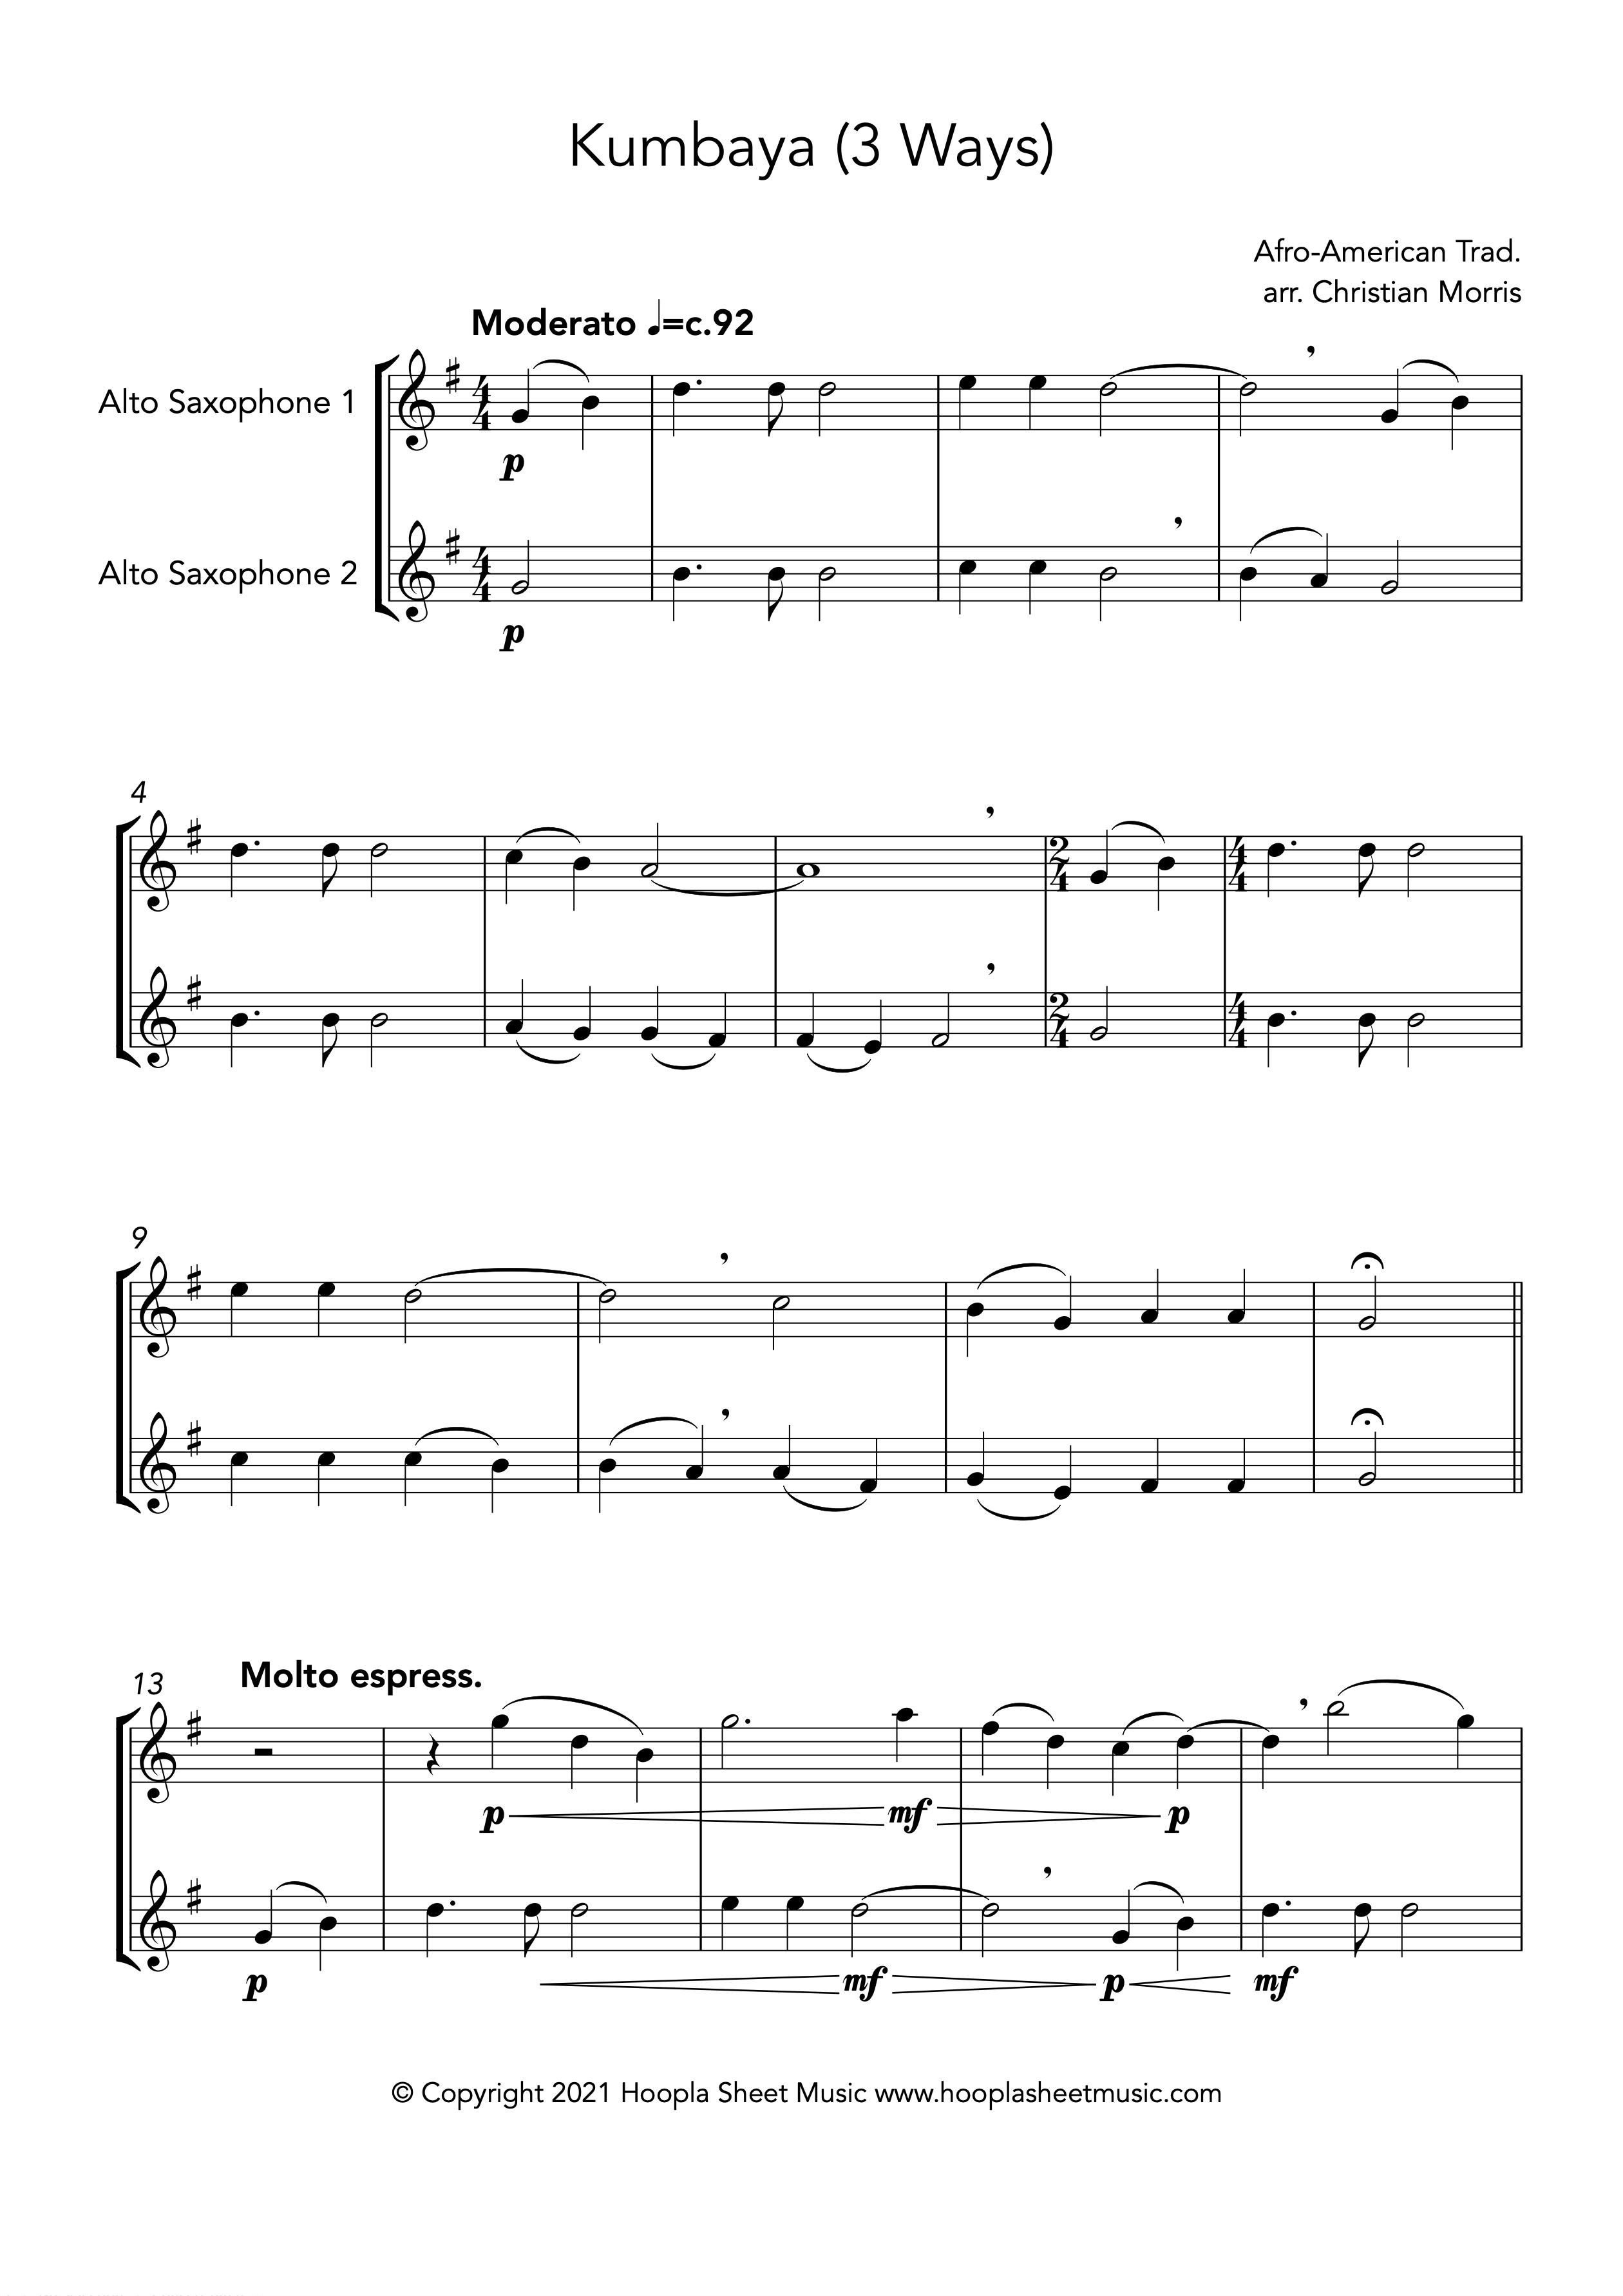 Kumbaya (Alto Saxophone Duet)